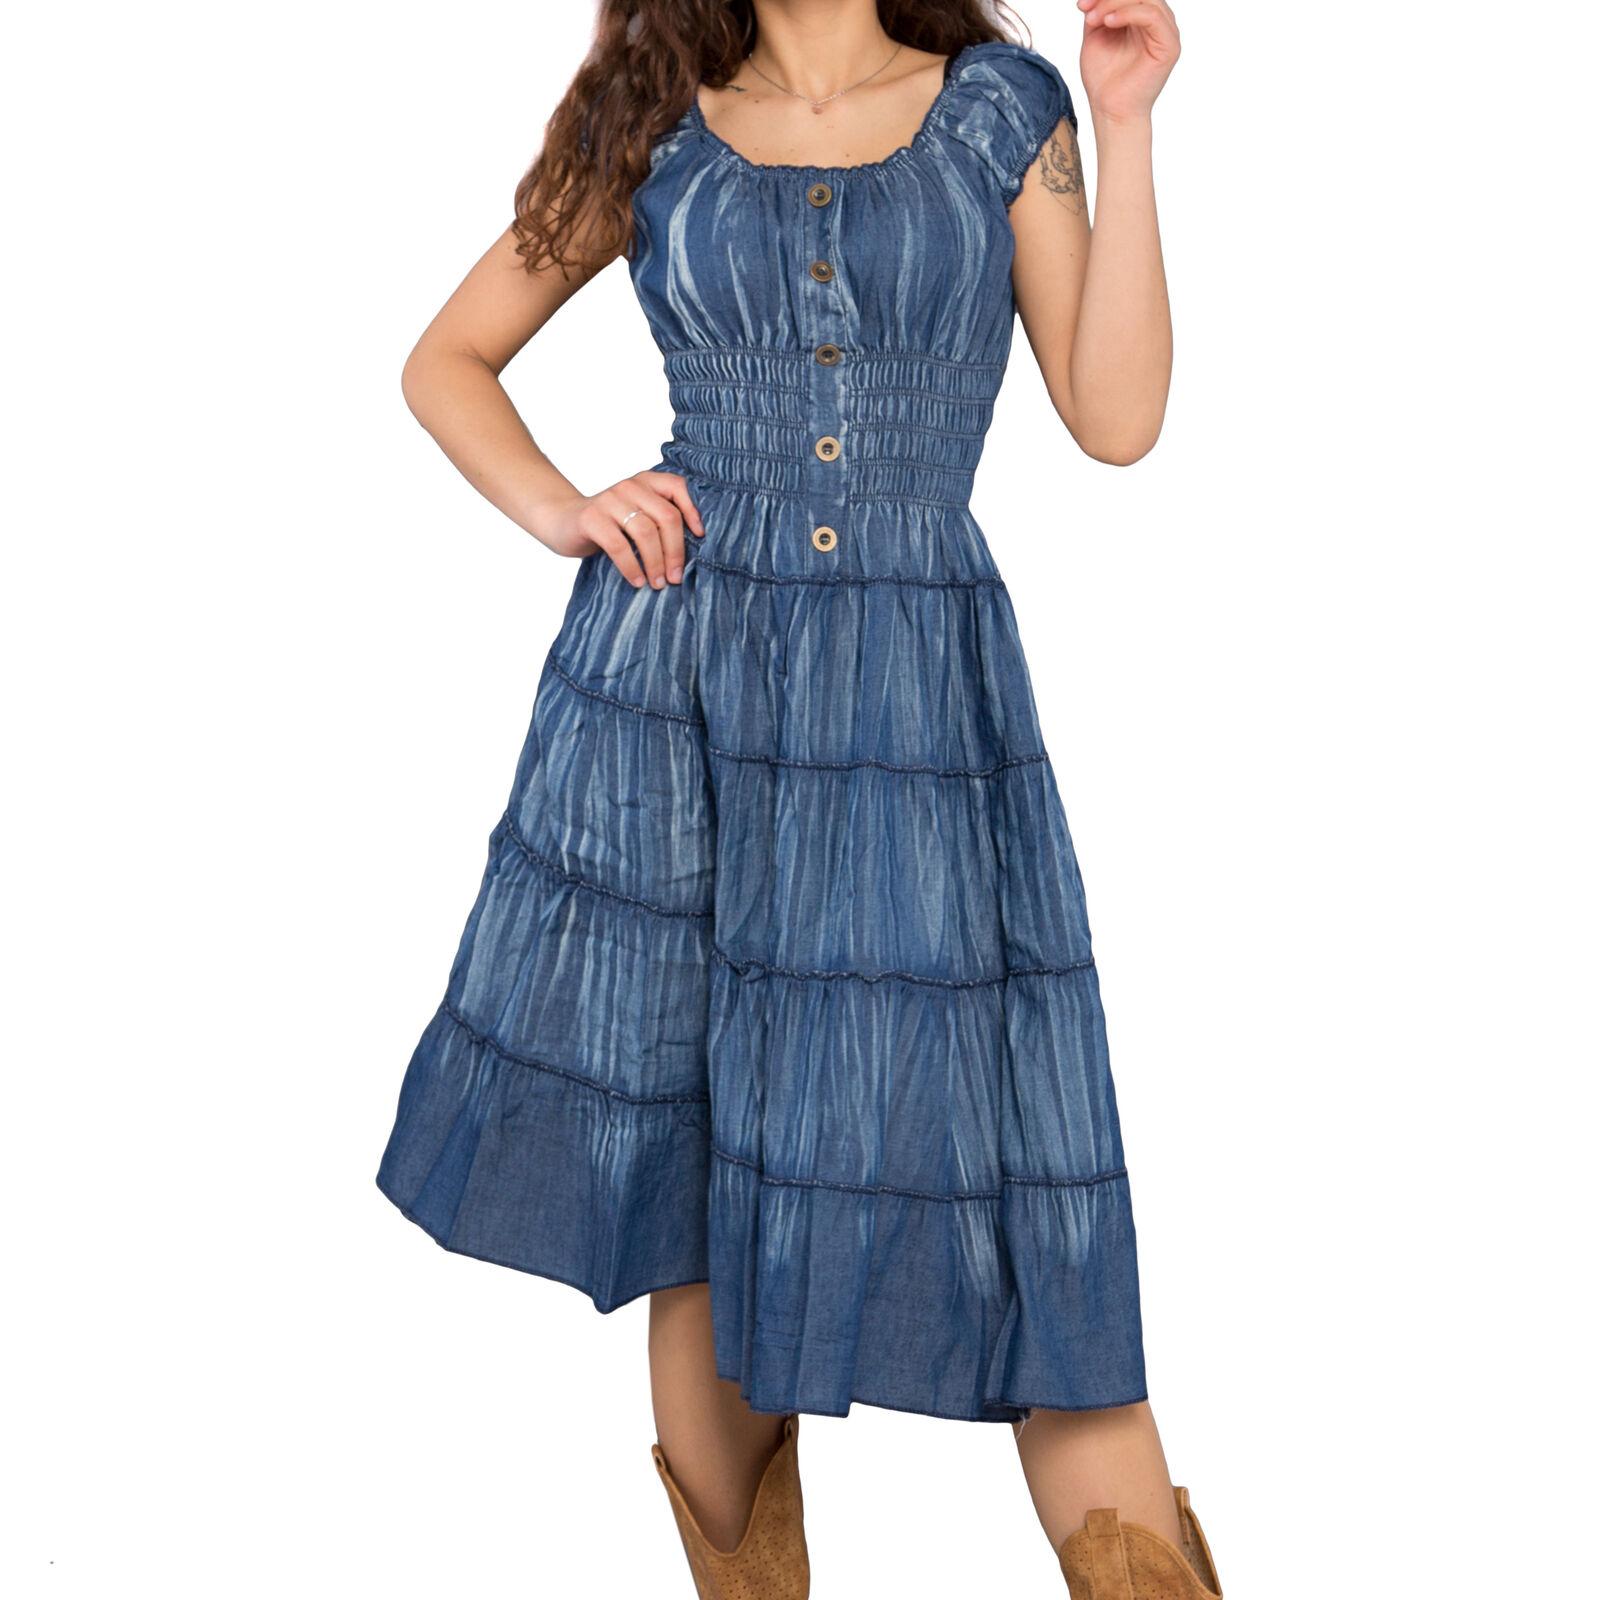 Vestito donna abito jeans elastico scollato zingara al ginocchio balze new 638 7